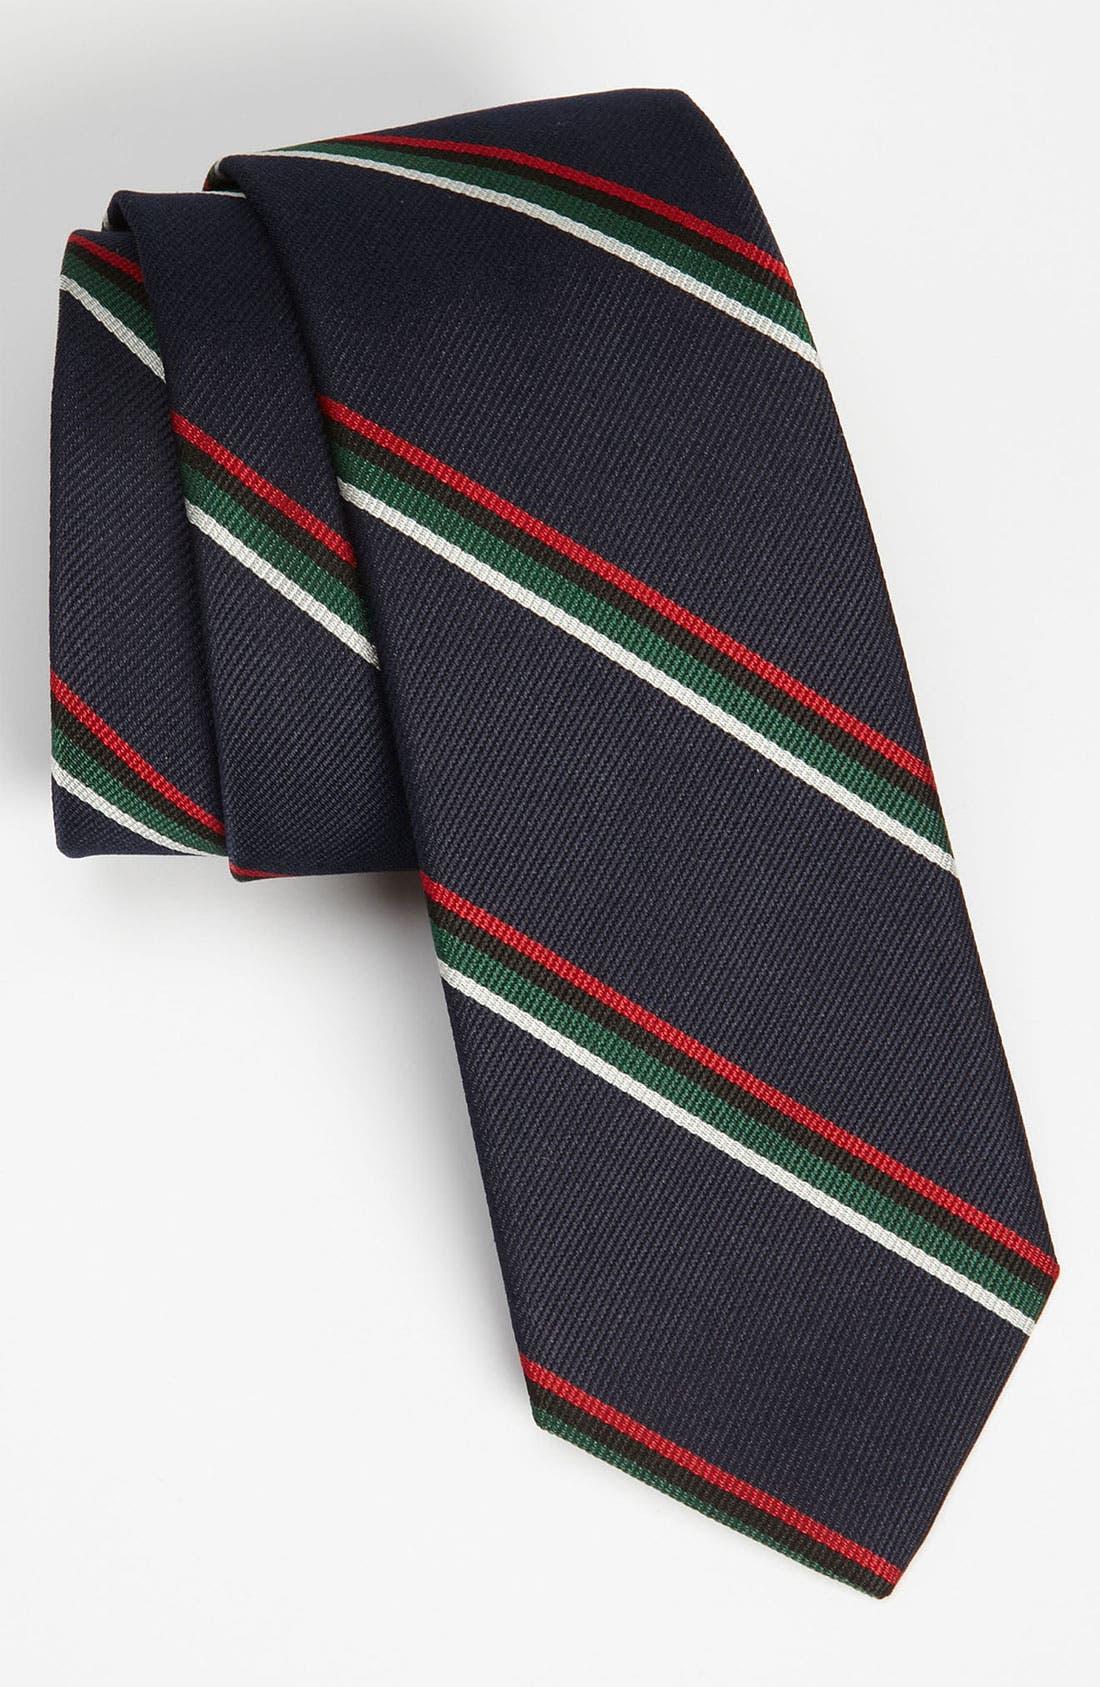 Main Image - Fahlgren Woven Tie